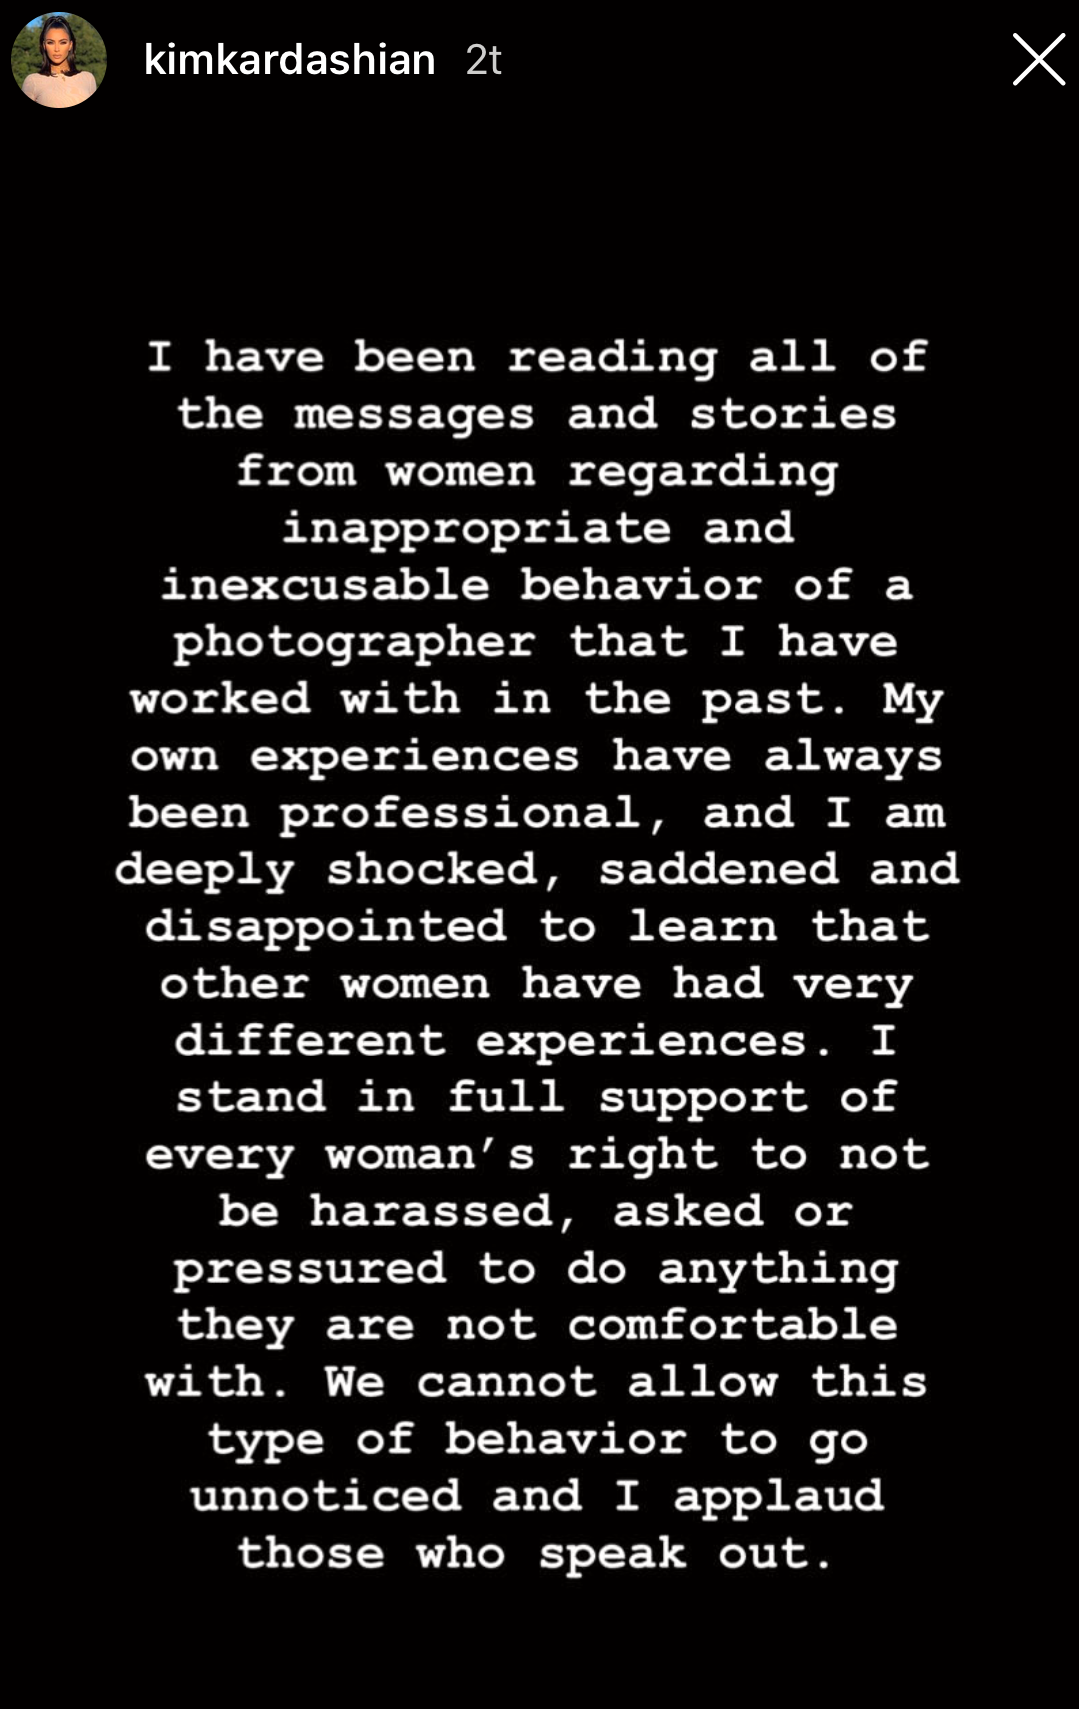 SJOKKERT: Kim Kardashian støtter kvinners rett å ikke bli trakassert.